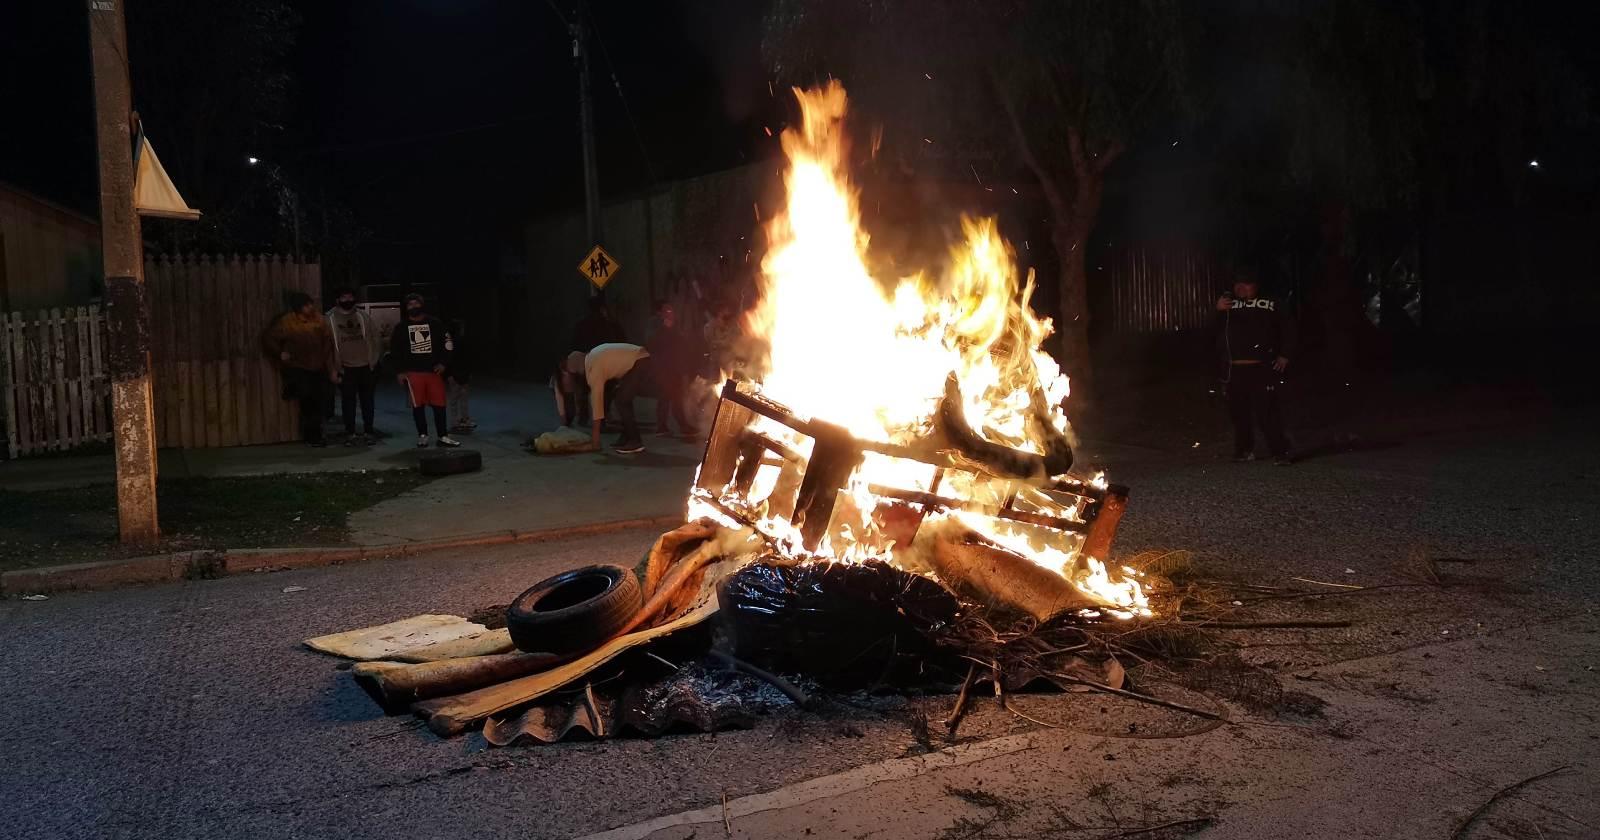 Los incidentes y barricadas que marcaron noche de protestas en Santiago